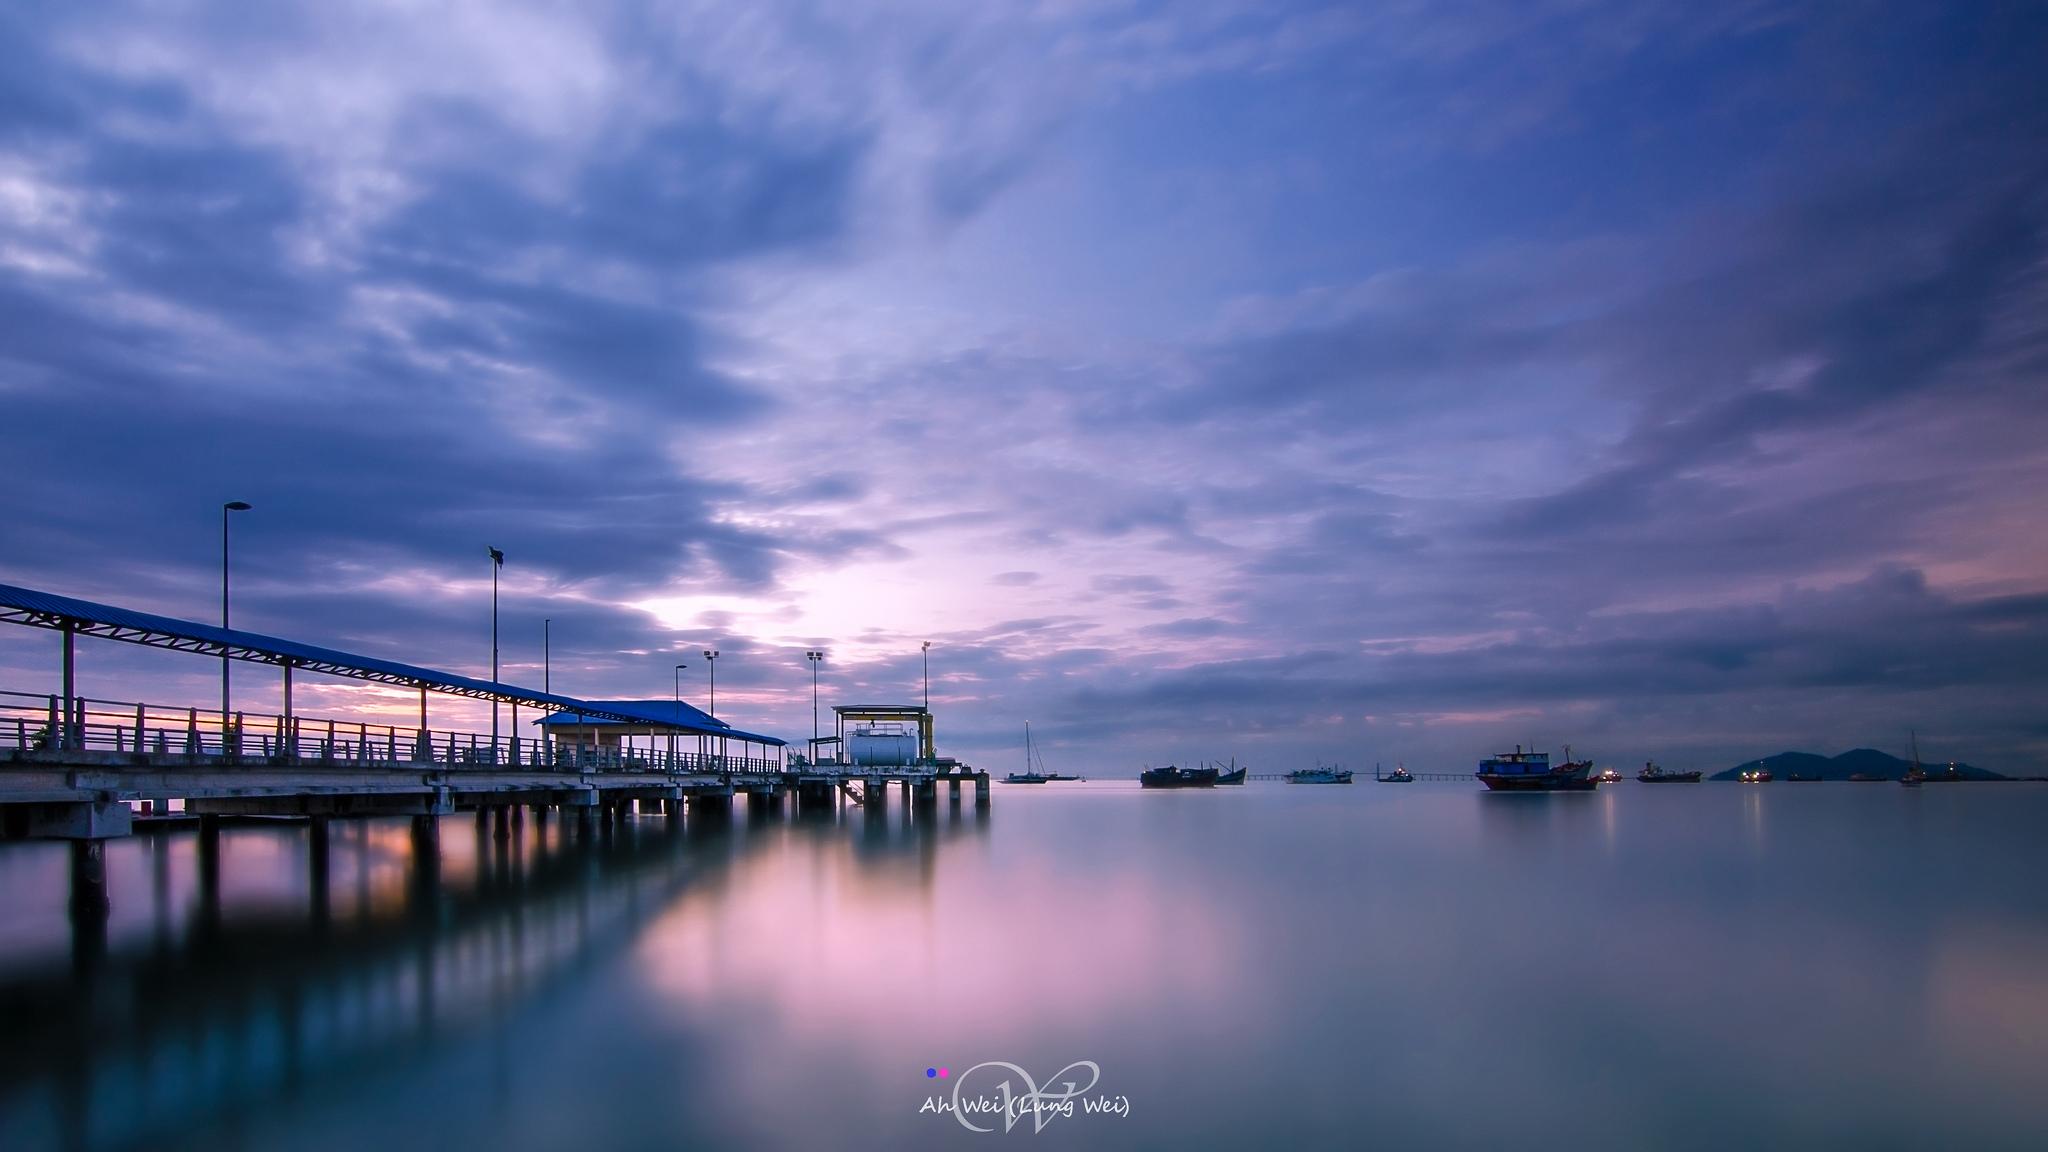 Malajsie táhne každoročně spoustu turistů, Ah Wei